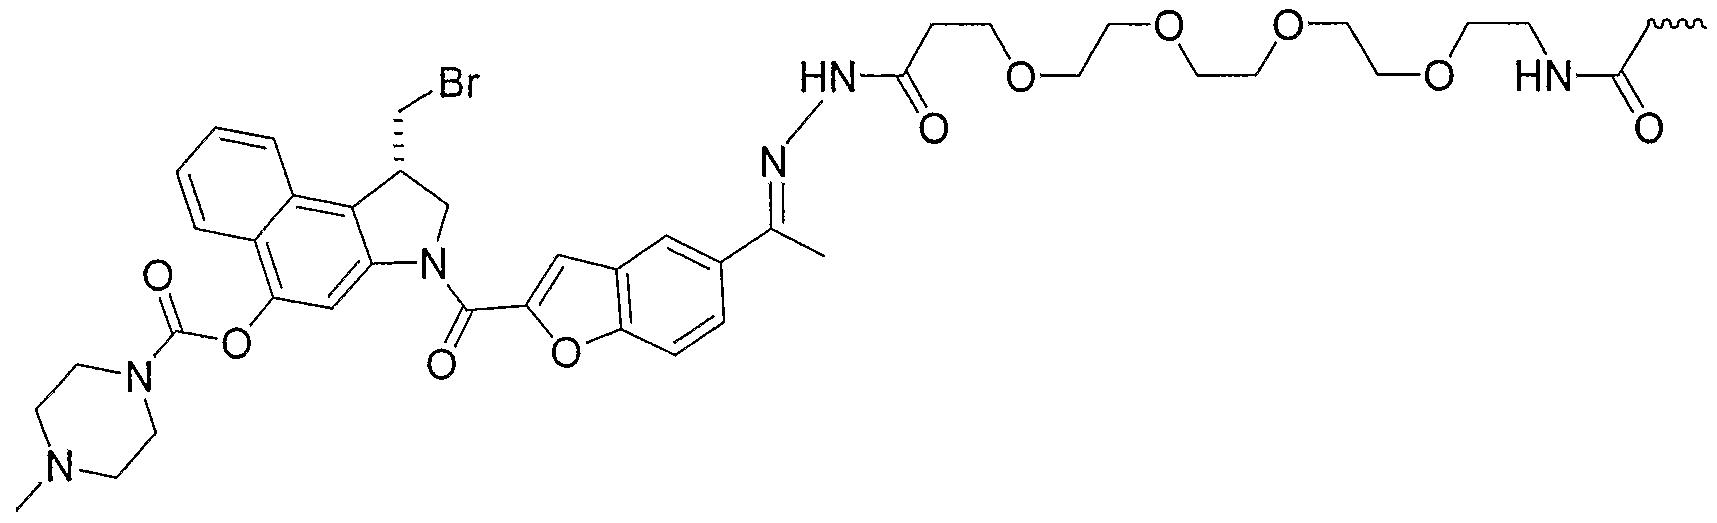 Figure imgf000201_0002